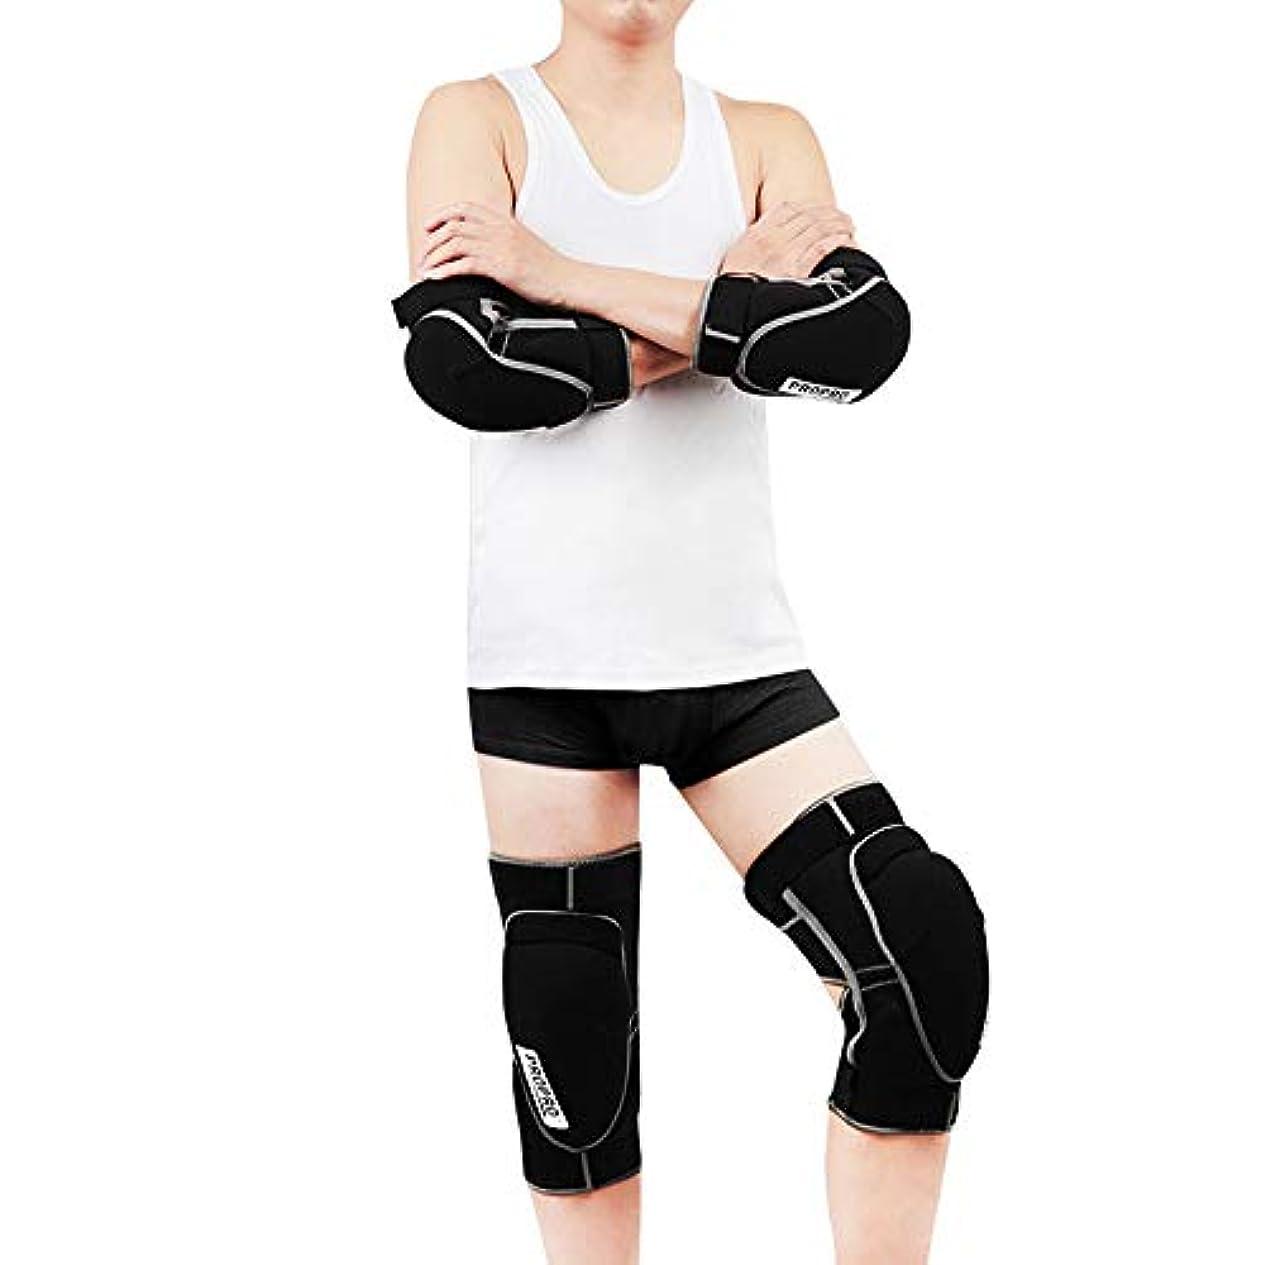 芽推進力契約する膝プロテクター オートバイの肘と膝パッド屋外の乗り物アンチ秋の保護装置モトクロスサイクリングプロテクターガードアーマーサイクリングスケートスキーライディング4点セット バイク 膝をつくお仕事にも最適 (サイズ : S)